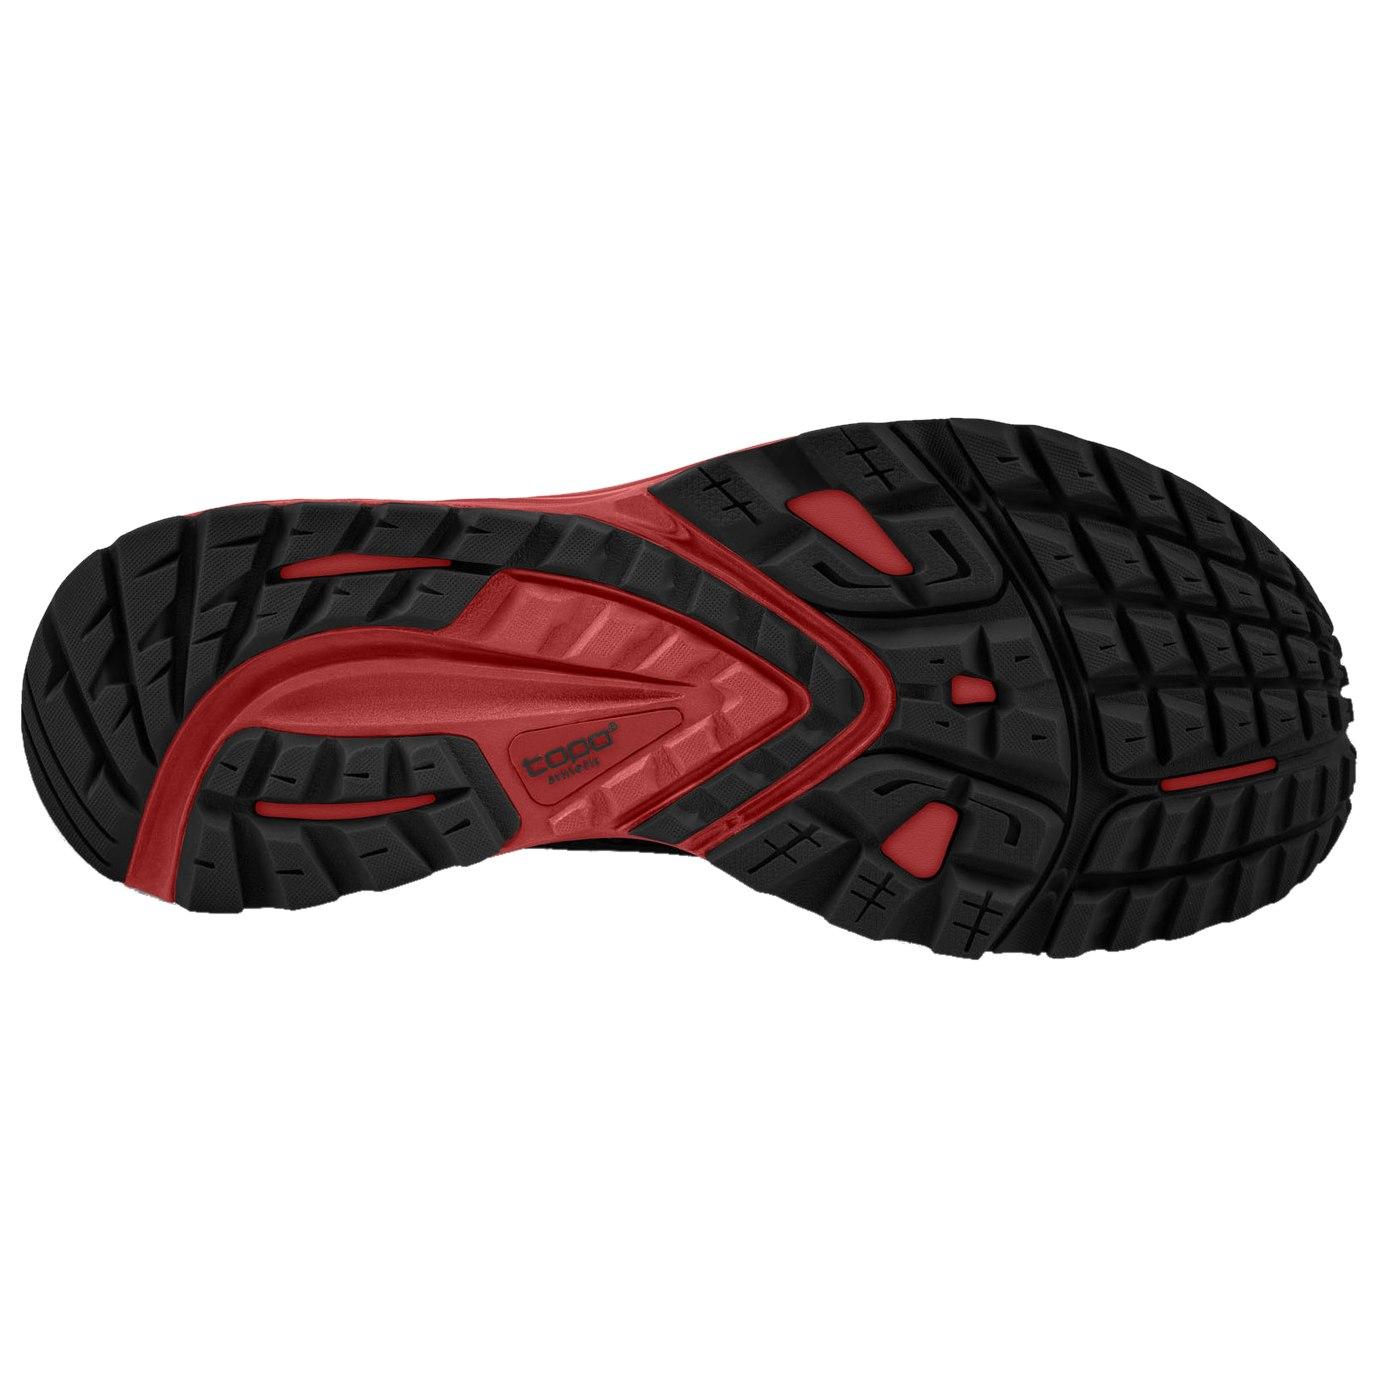 Bild von Topo Athletic MT-3 Trail Laufschuhe - schwarz/rot